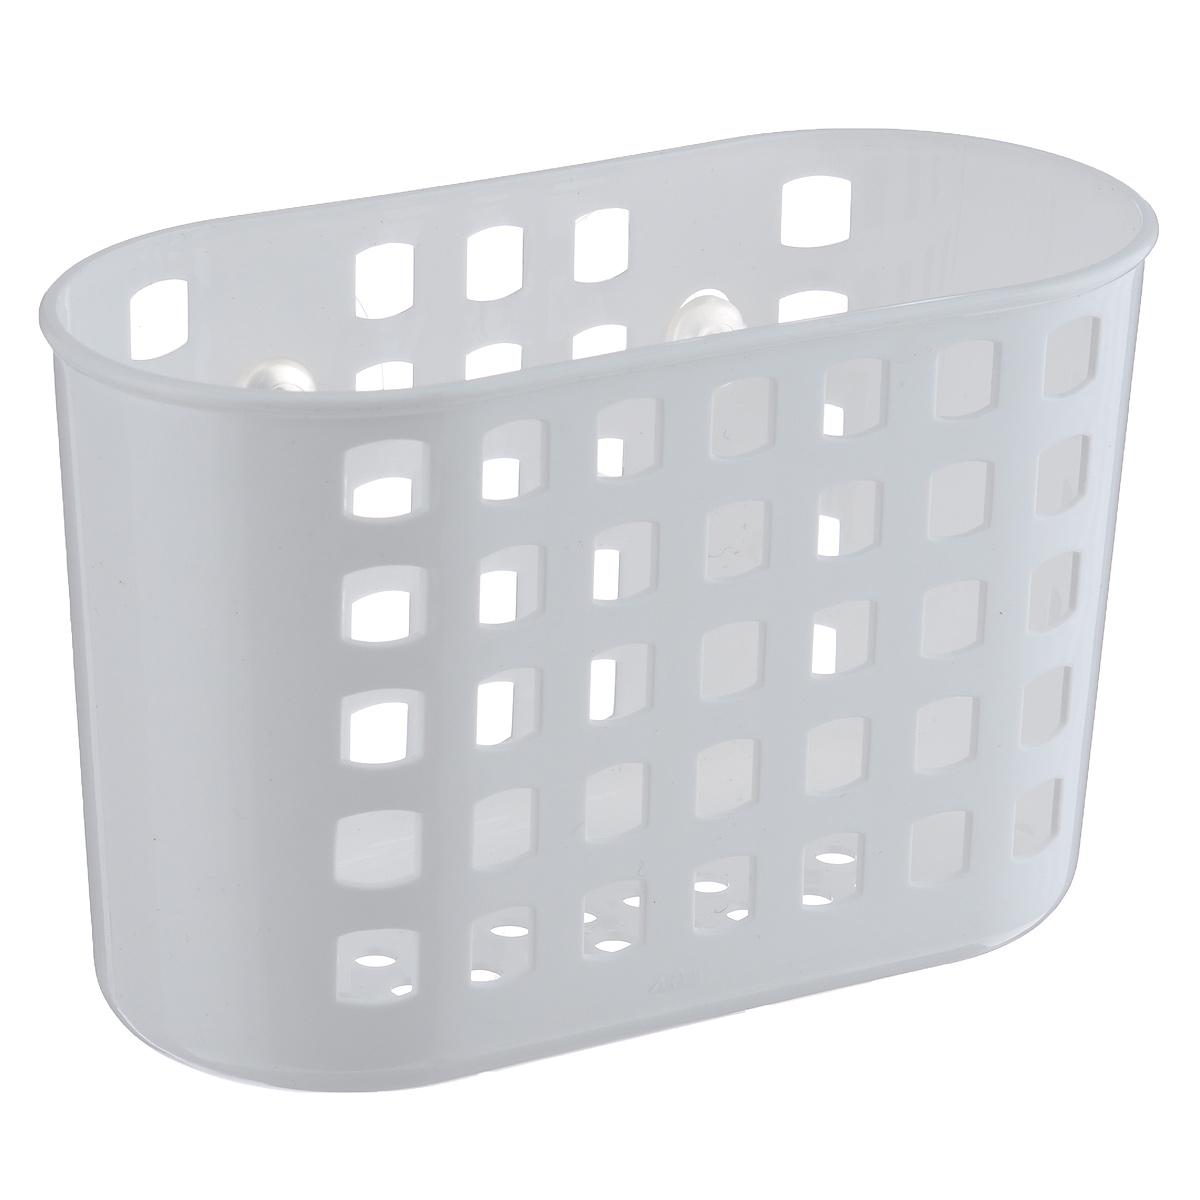 Контейнер навесной Полимербыт, на присосках, цвет: белый, 18,5 см х 11,5 см х 8 смС169Контейнер Полимербыт будет полезным аксессуаром в любой ванной комнате или на кухне. Надежные присоски удерживают контейнер на гладкой поверхности, и выдерживают нагрузку до 1 кг. В таком контейнере удобно хранить различные хозяйственные вещи: бытовую химию, губки для мытья, шампуни. Благодаря перфорации на стенках и дне контейнера, вода, которая может в него попасть с легкостью вытечет наружу.